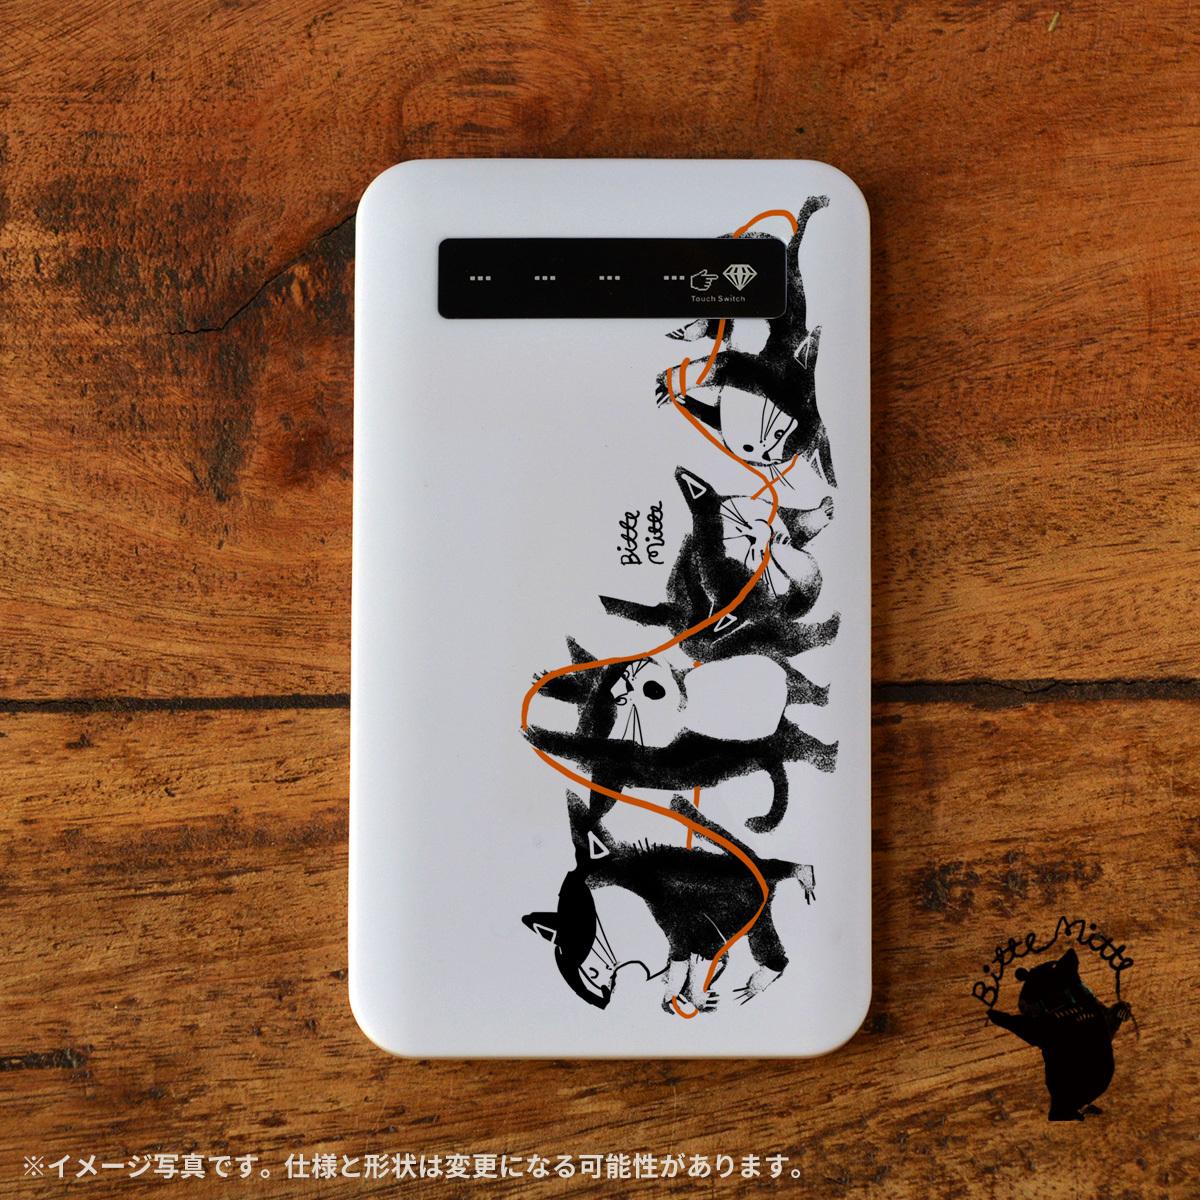 iphone モバイルバッテリー かわいい スマホ 充電器 持ち運び モバイルバッテリー 可愛い iphone 携帯充電器 アンドロイド かわいい 猫 ねこ ネコ USB HappyHappy/Bitte Mitte!